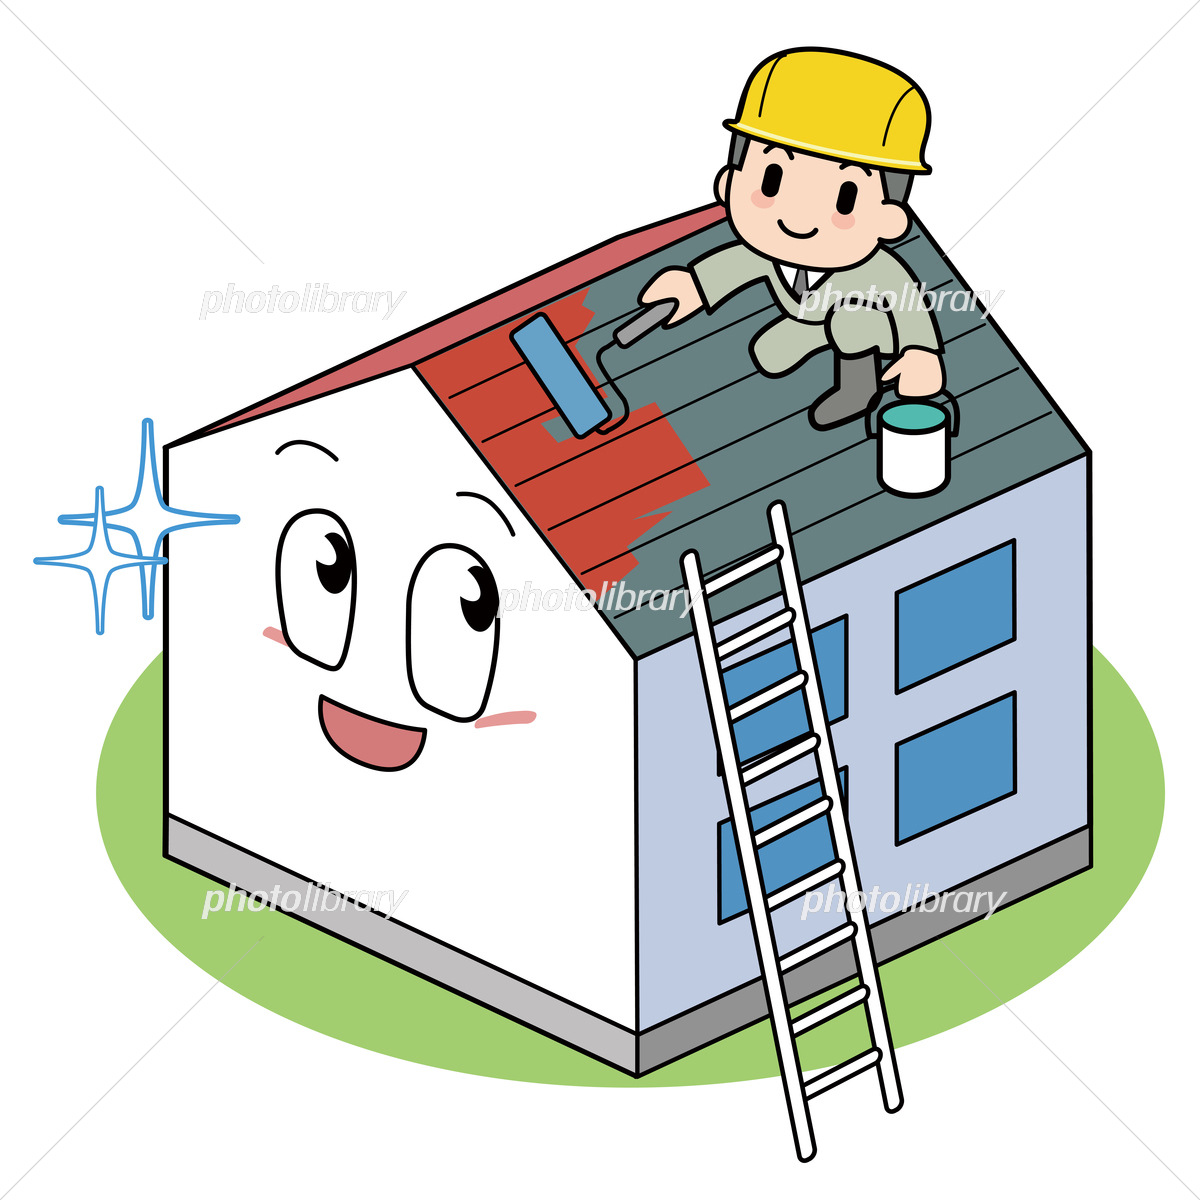 屋根のペンキ塗り イラスト素材 [ 6479455 ] - フォトライブラリー photolibrary